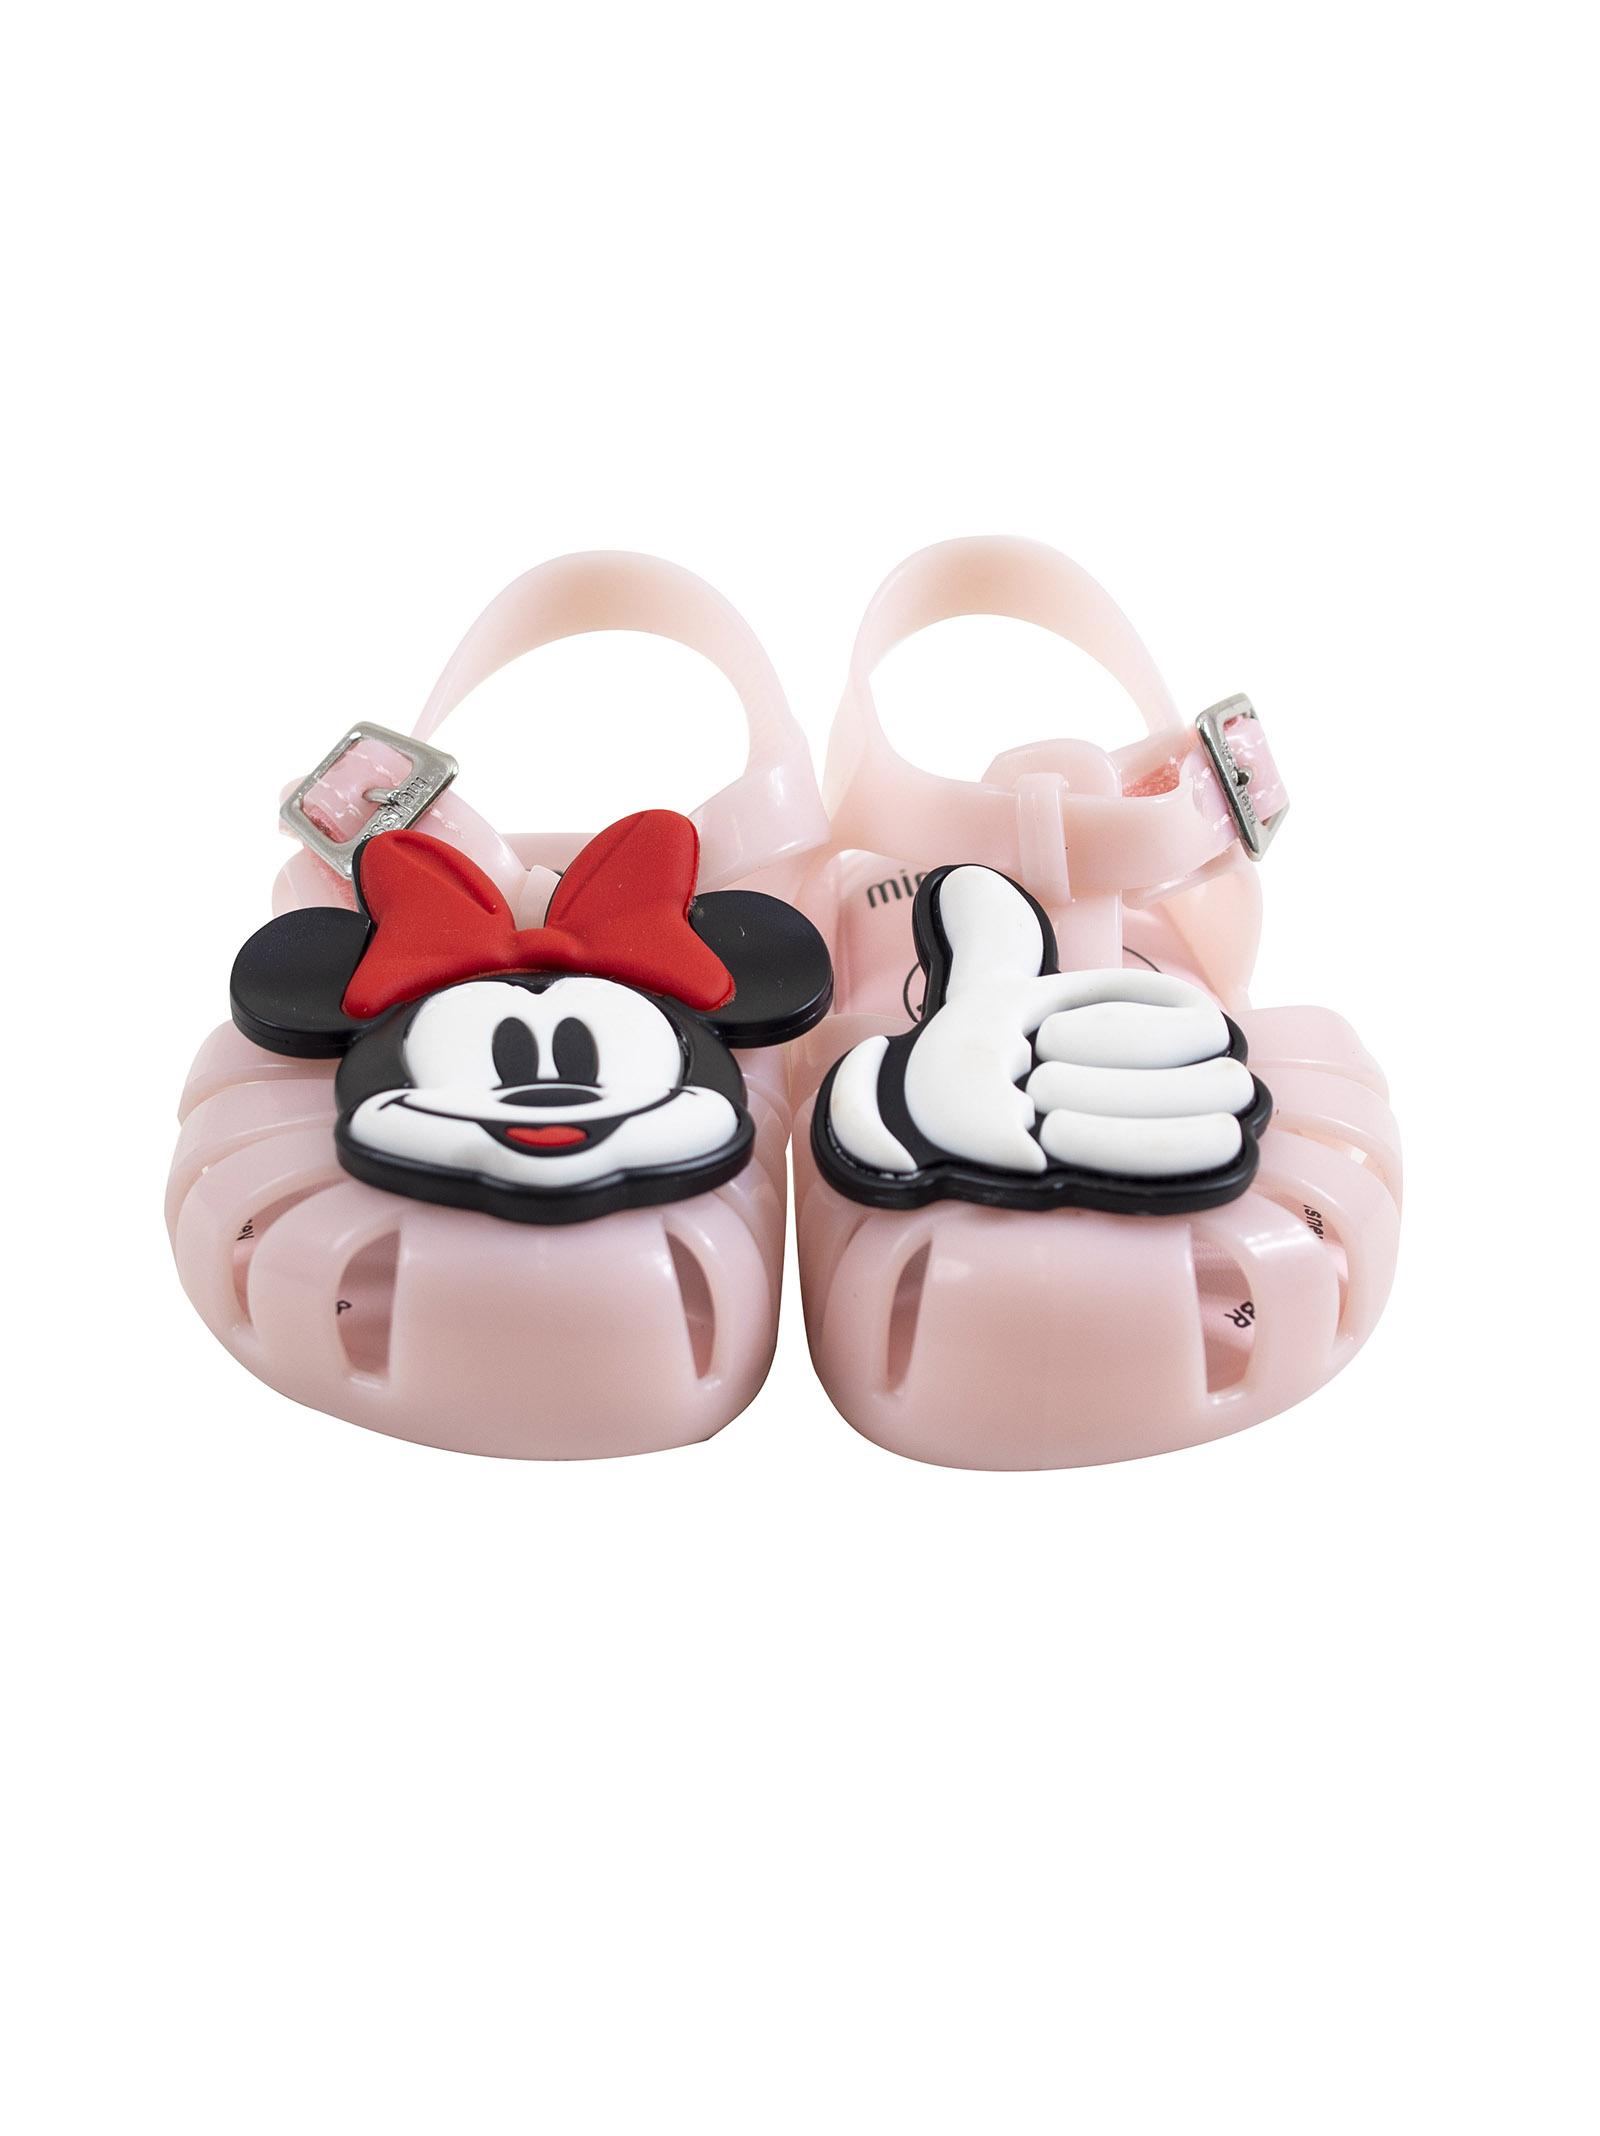 dfed60420c75 Minnie girl sandals - MINI MELISSA KIDS - Petit Pasha